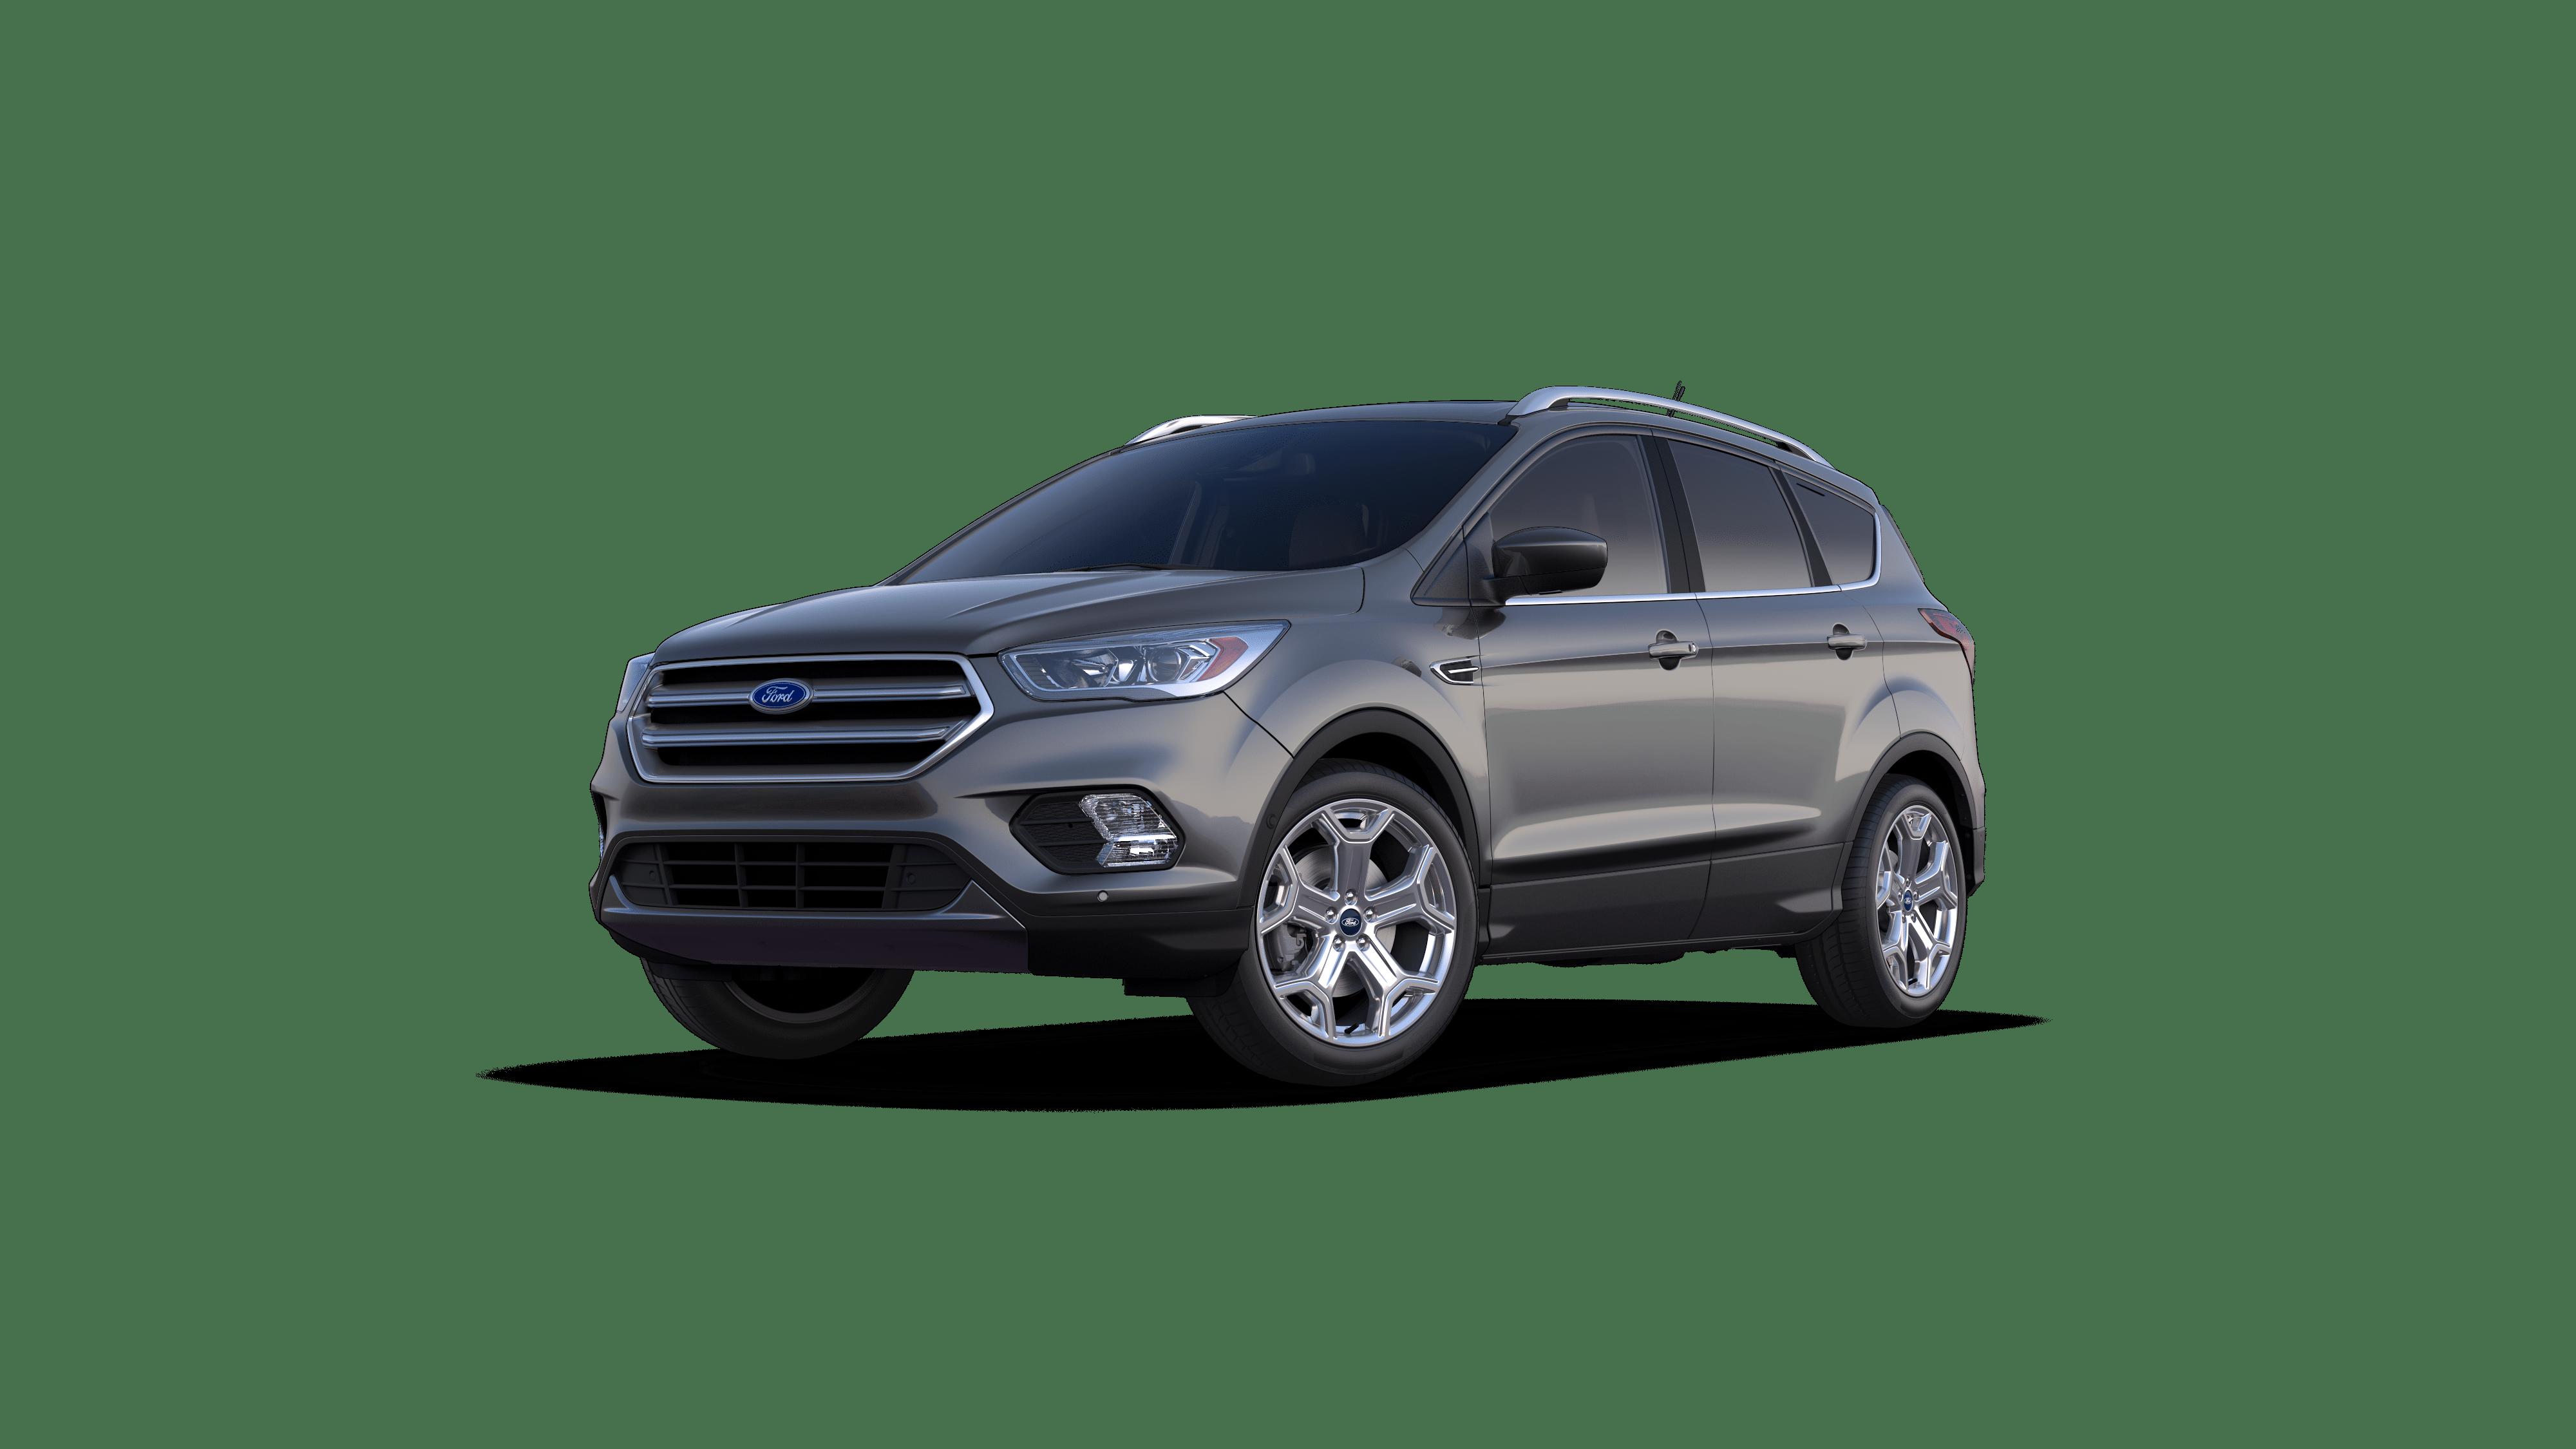 Crain Ford Little Rock >> Crain Ford Little Rock 2020 Top Car Models